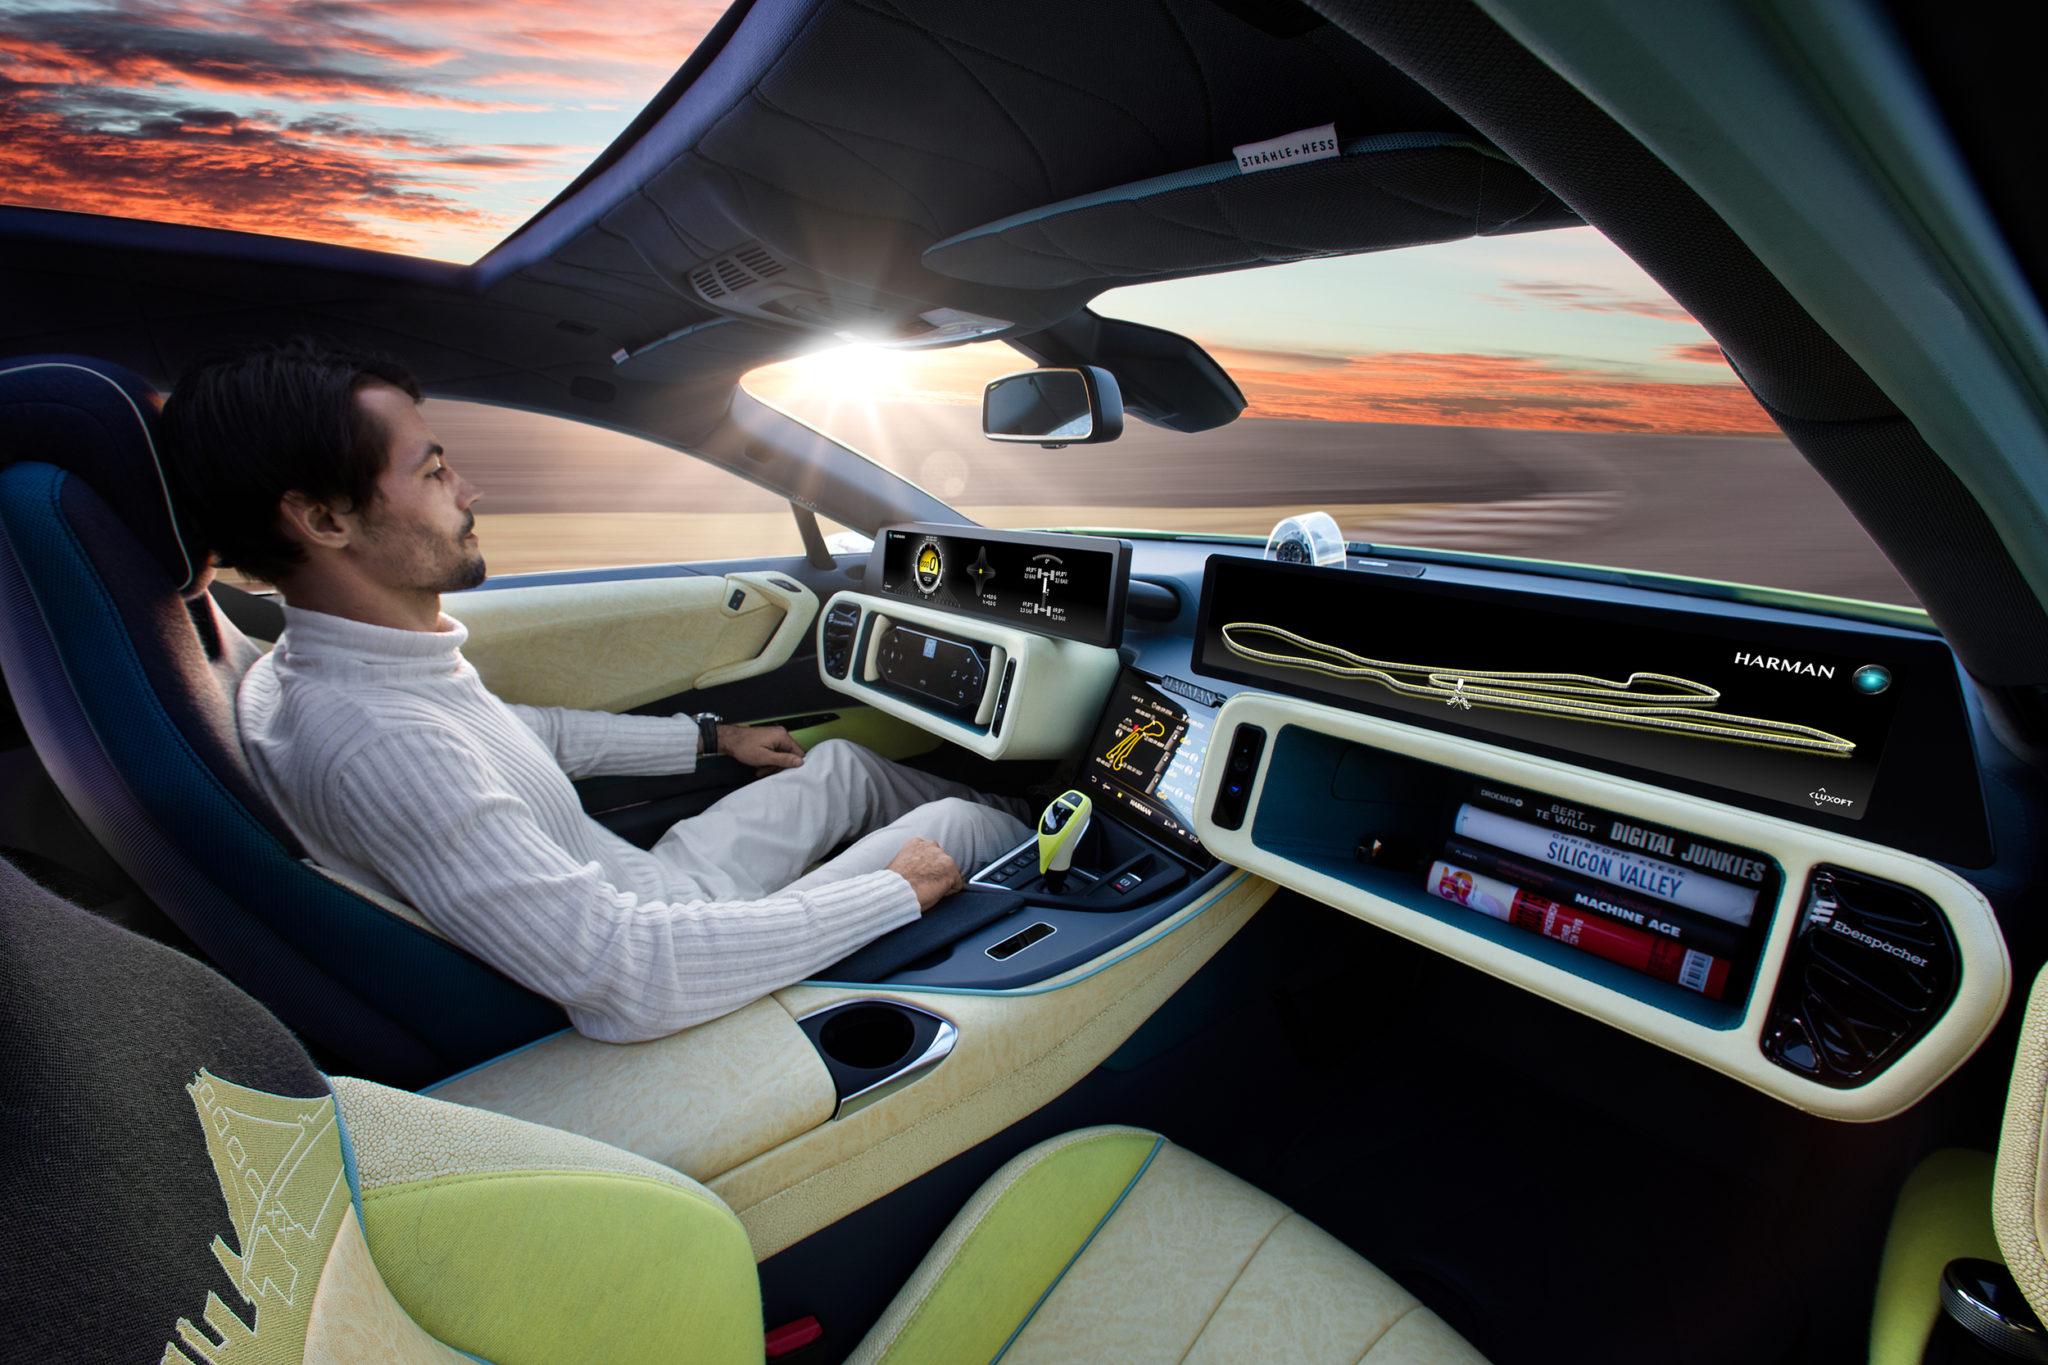 Топ 5 функций безопасности авто, без которых вам сложно будет обойтись в 2019 году